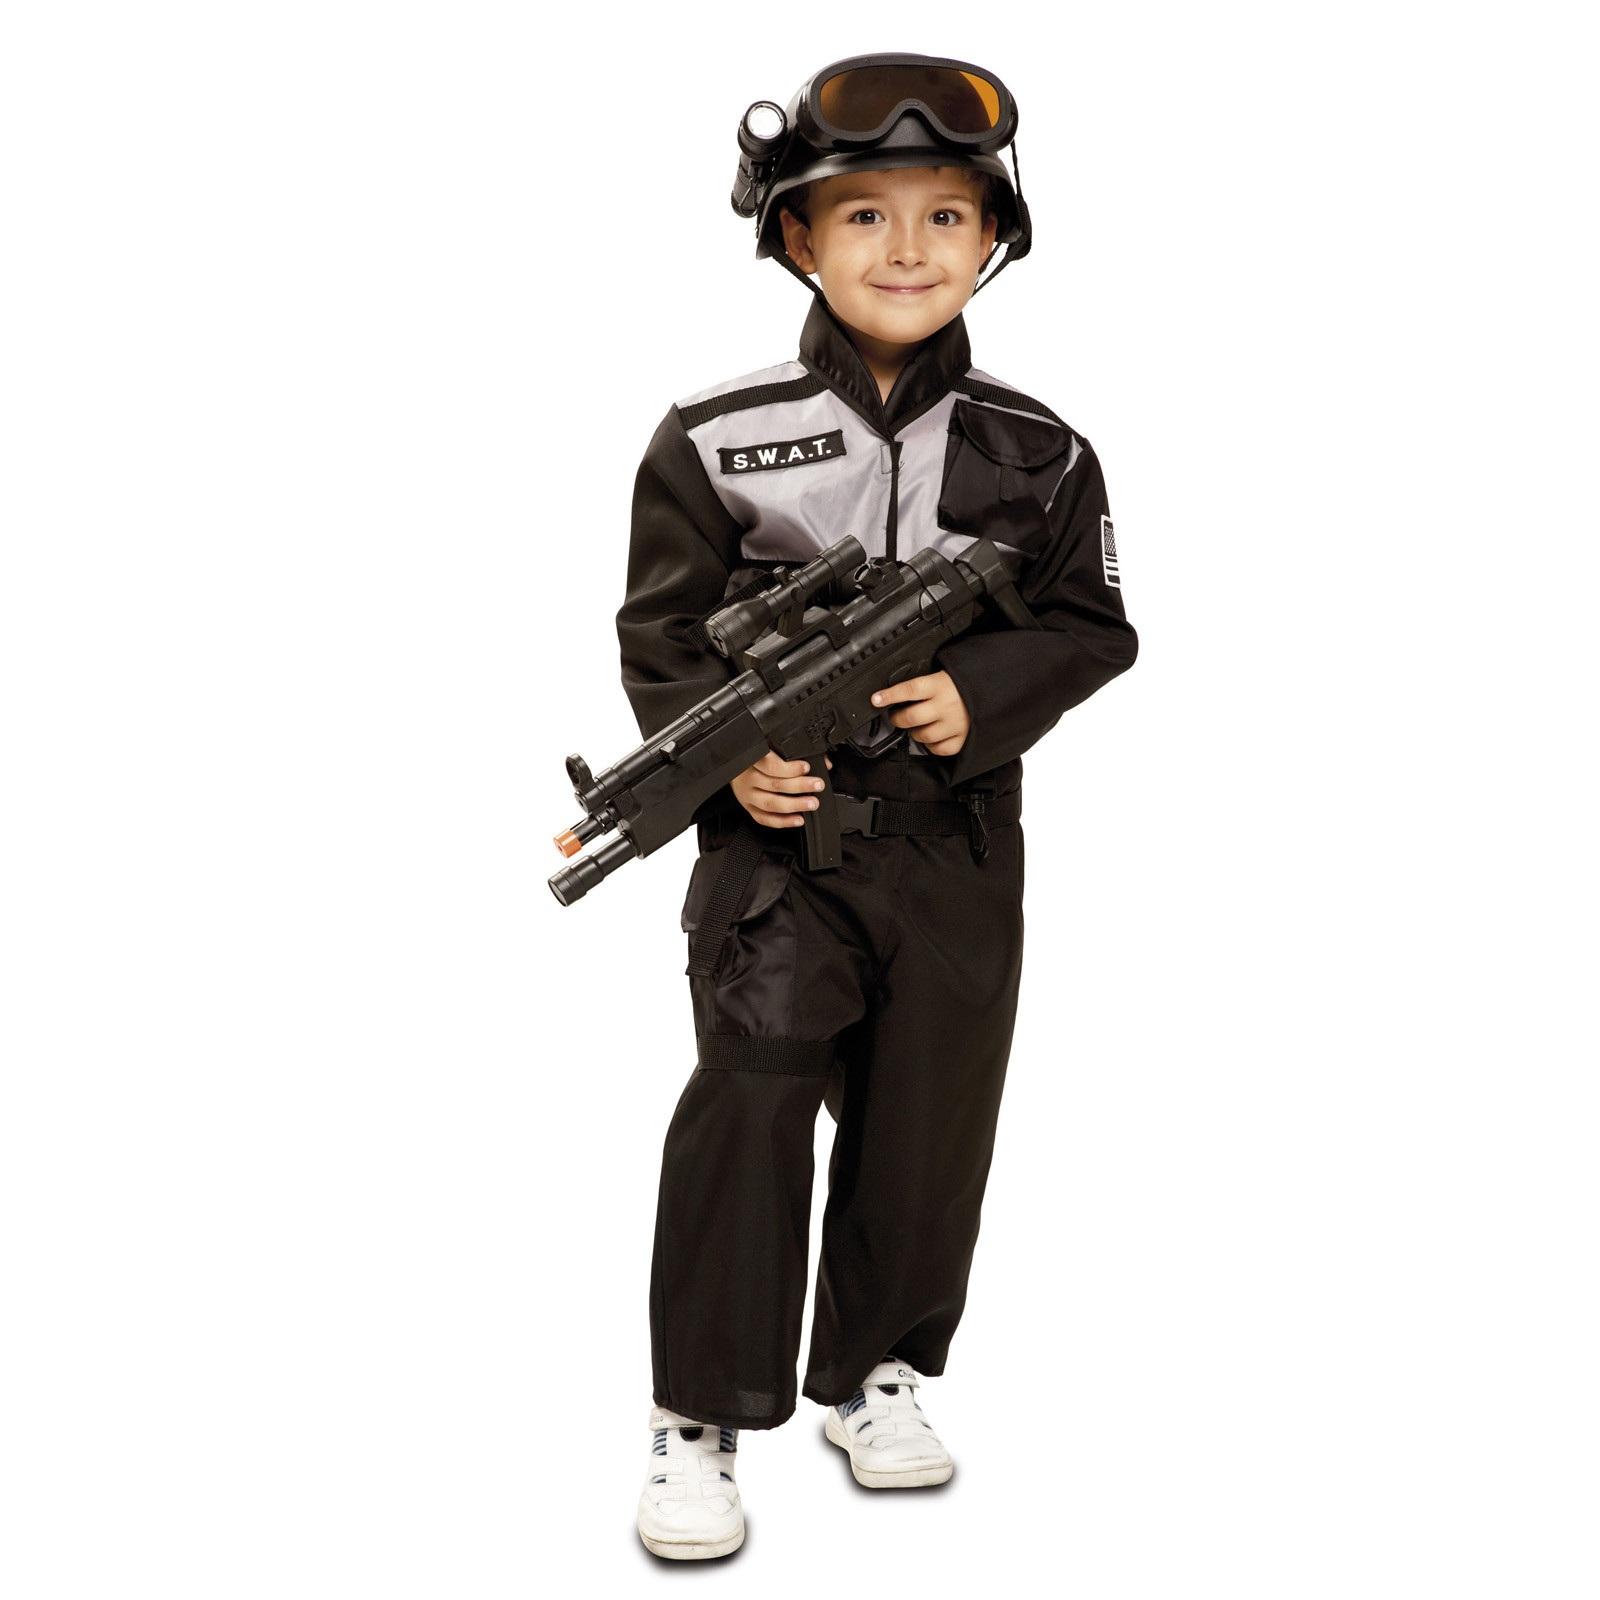 disfraz swat bebé niño 202754mom - DISFRAZ DE SWAT BEBE NIÑO